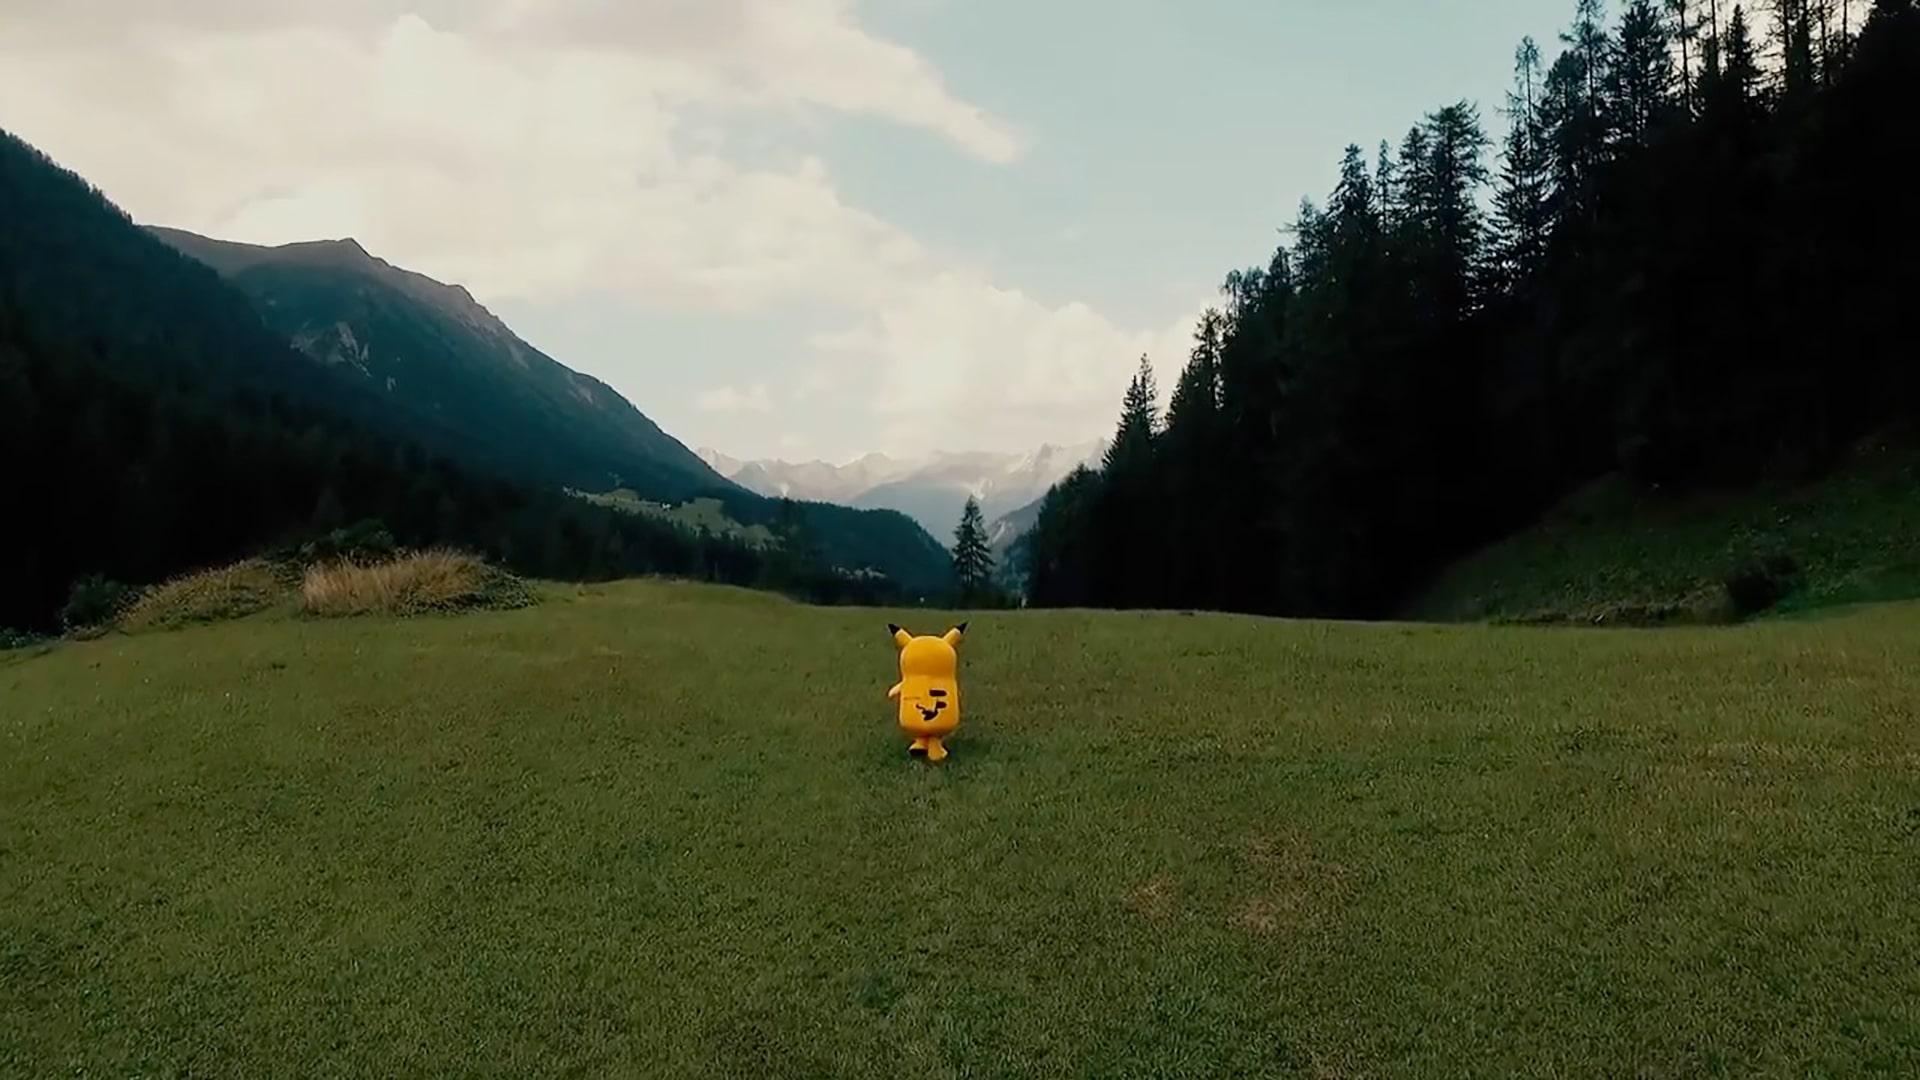 RhB | Pikachu